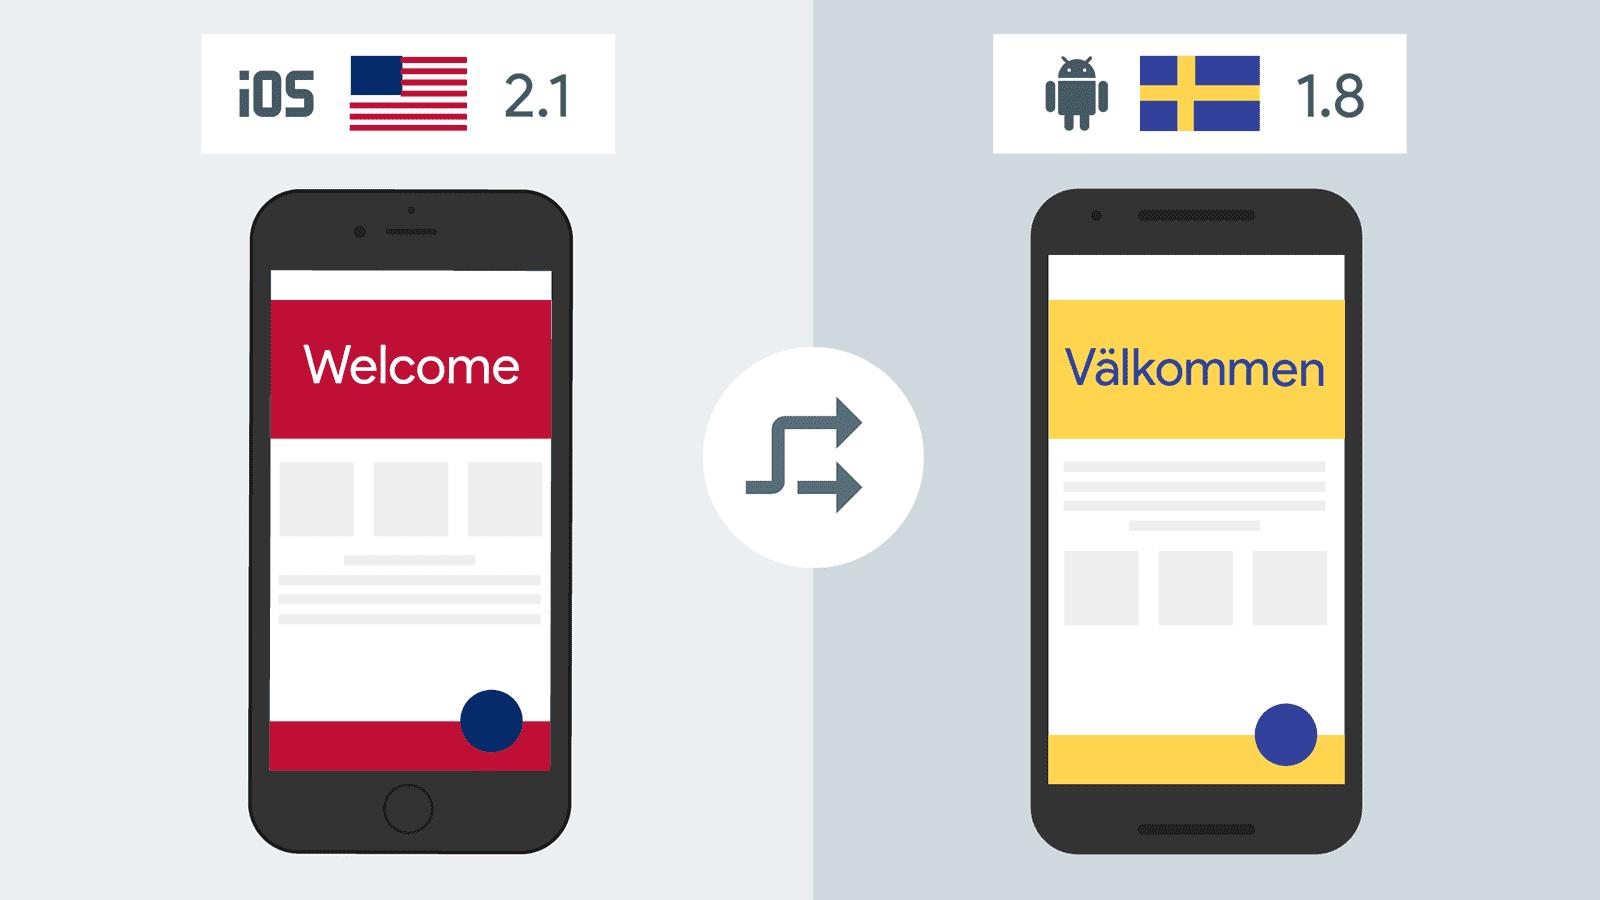 दो अलग-अलग भाषाओं में दो फोन